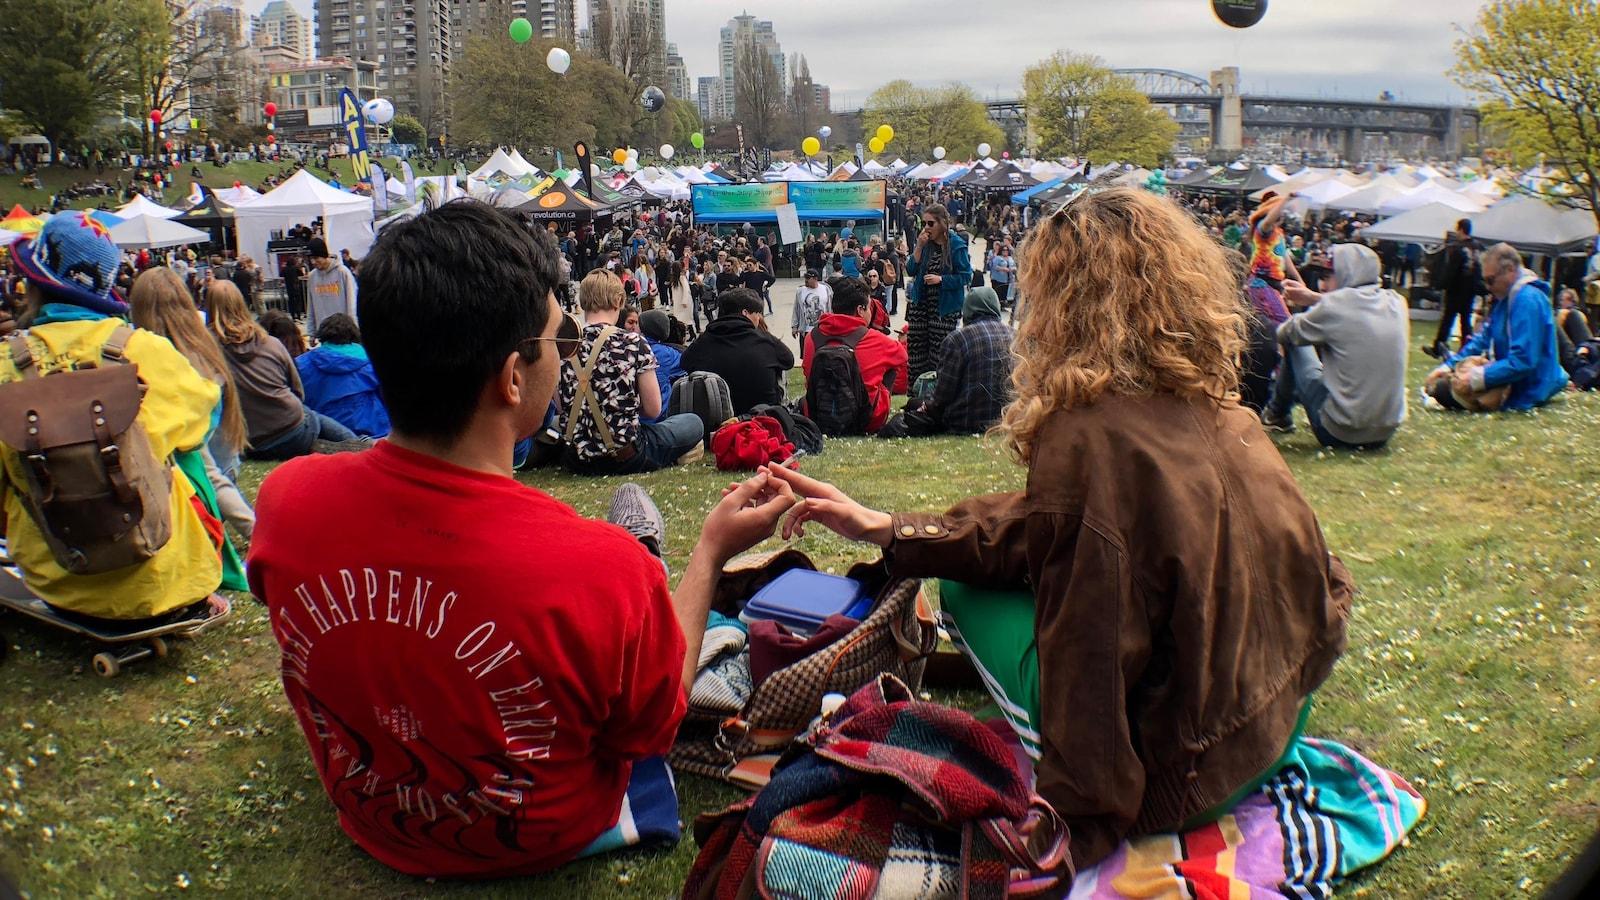 En avant-plan un homme et une femme s'échangent une cigarette de cannabis et en arrière-plan une foule et des tentes.